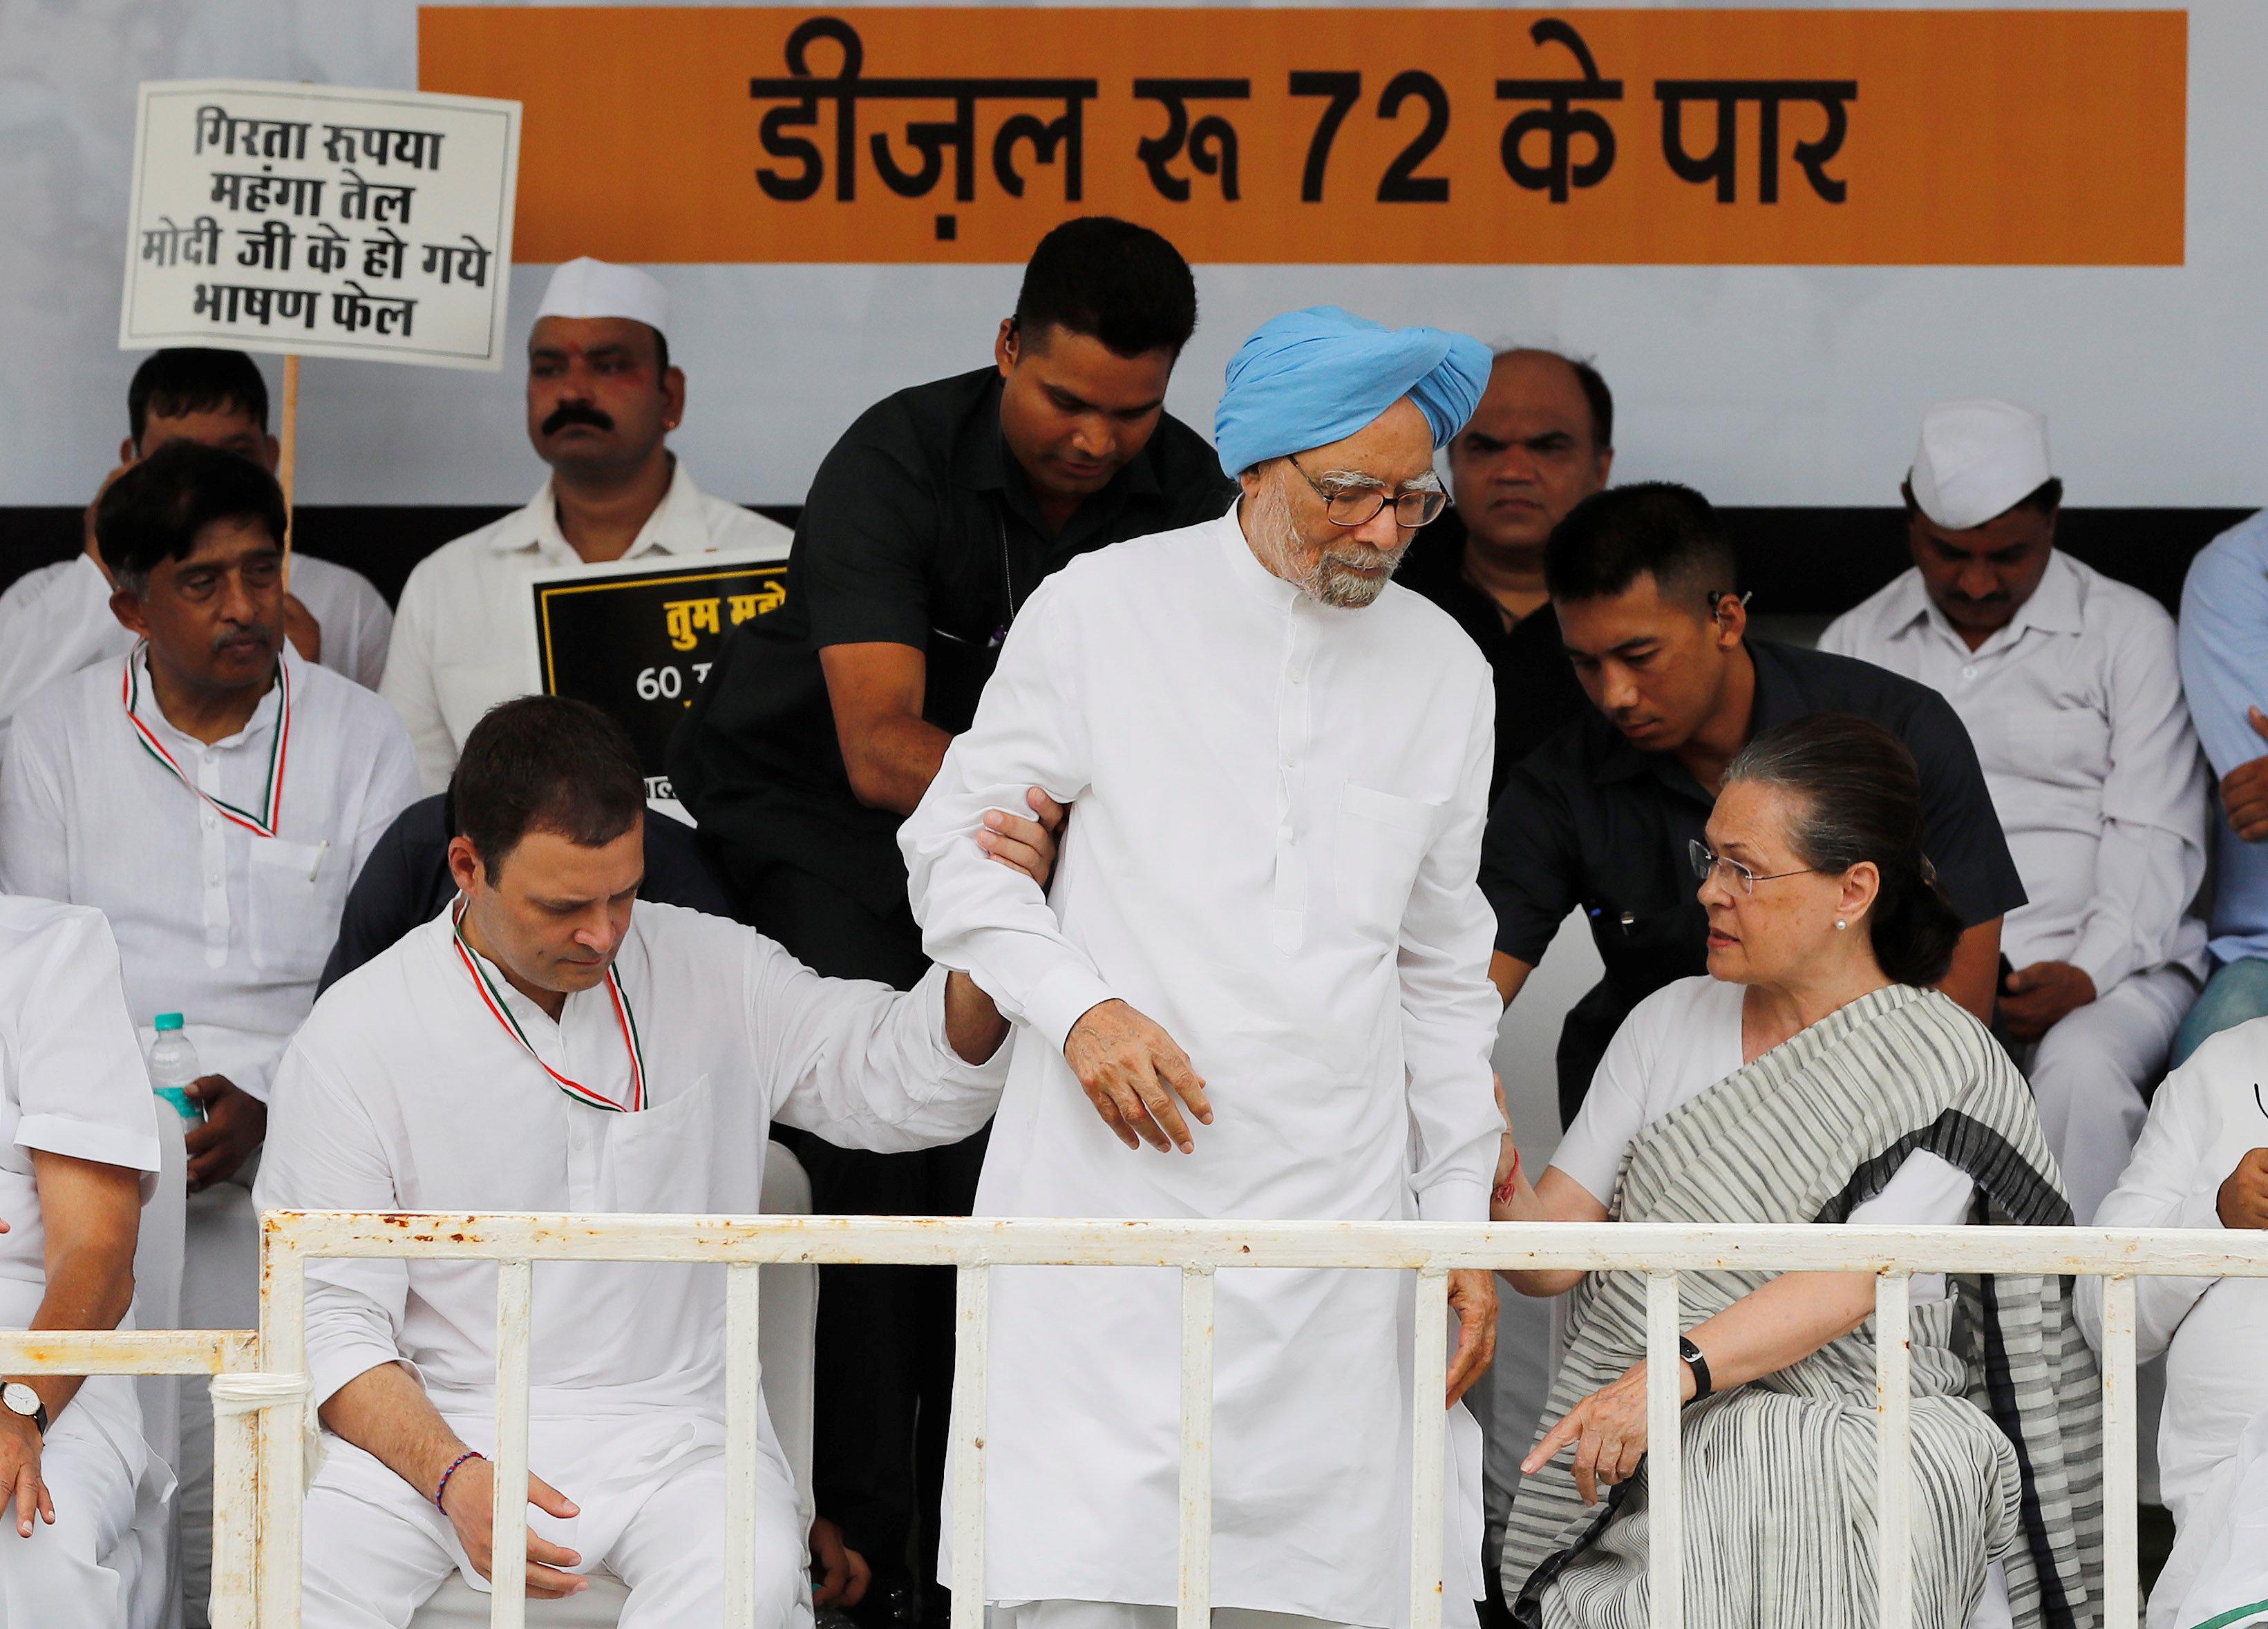 رئيس حزب المؤتمر وأمه وزعيم حزب سونيا غاندى يساعدان رئيس الوزراء الهندى السابق على الوقوف خلال احتجاج على أسعار البنزين